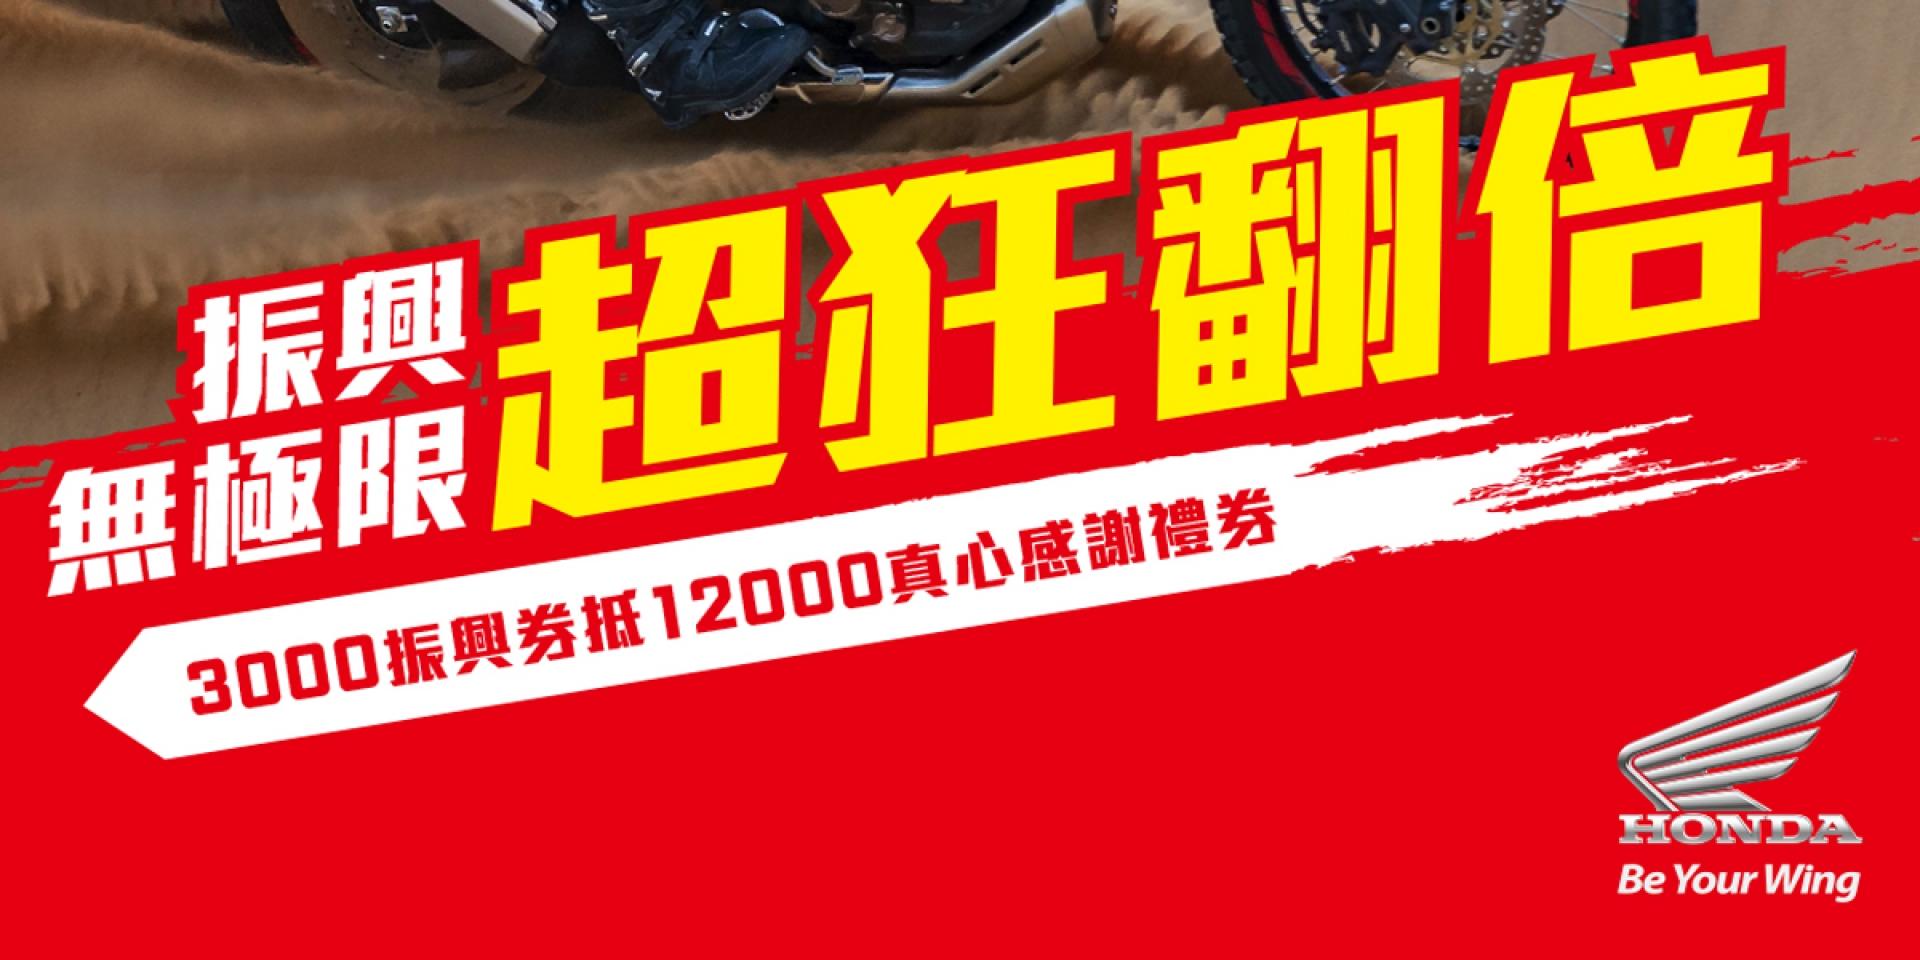 官方新聞稿。Honda Taiwan 2020振興無極限,翻倍購車專案。3000元振興券抵換12000真心感謝禮券